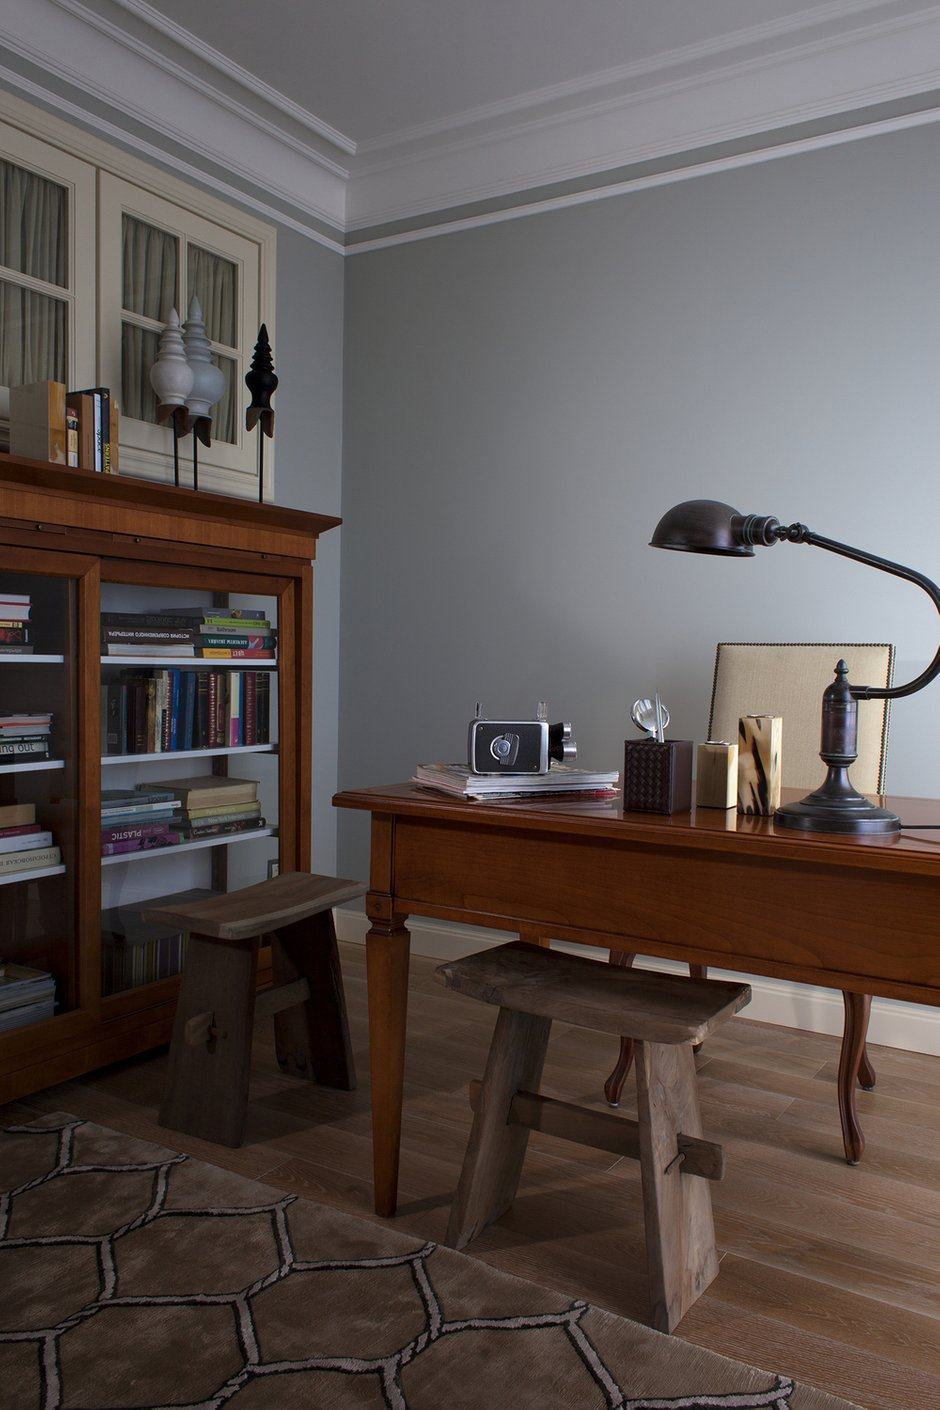 Фотография: Офис в стиле Прованс и Кантри, Современный, Декор интерьера, Квартира, Guadarte, Дома и квартиры, Прованс – фото на INMYROOM